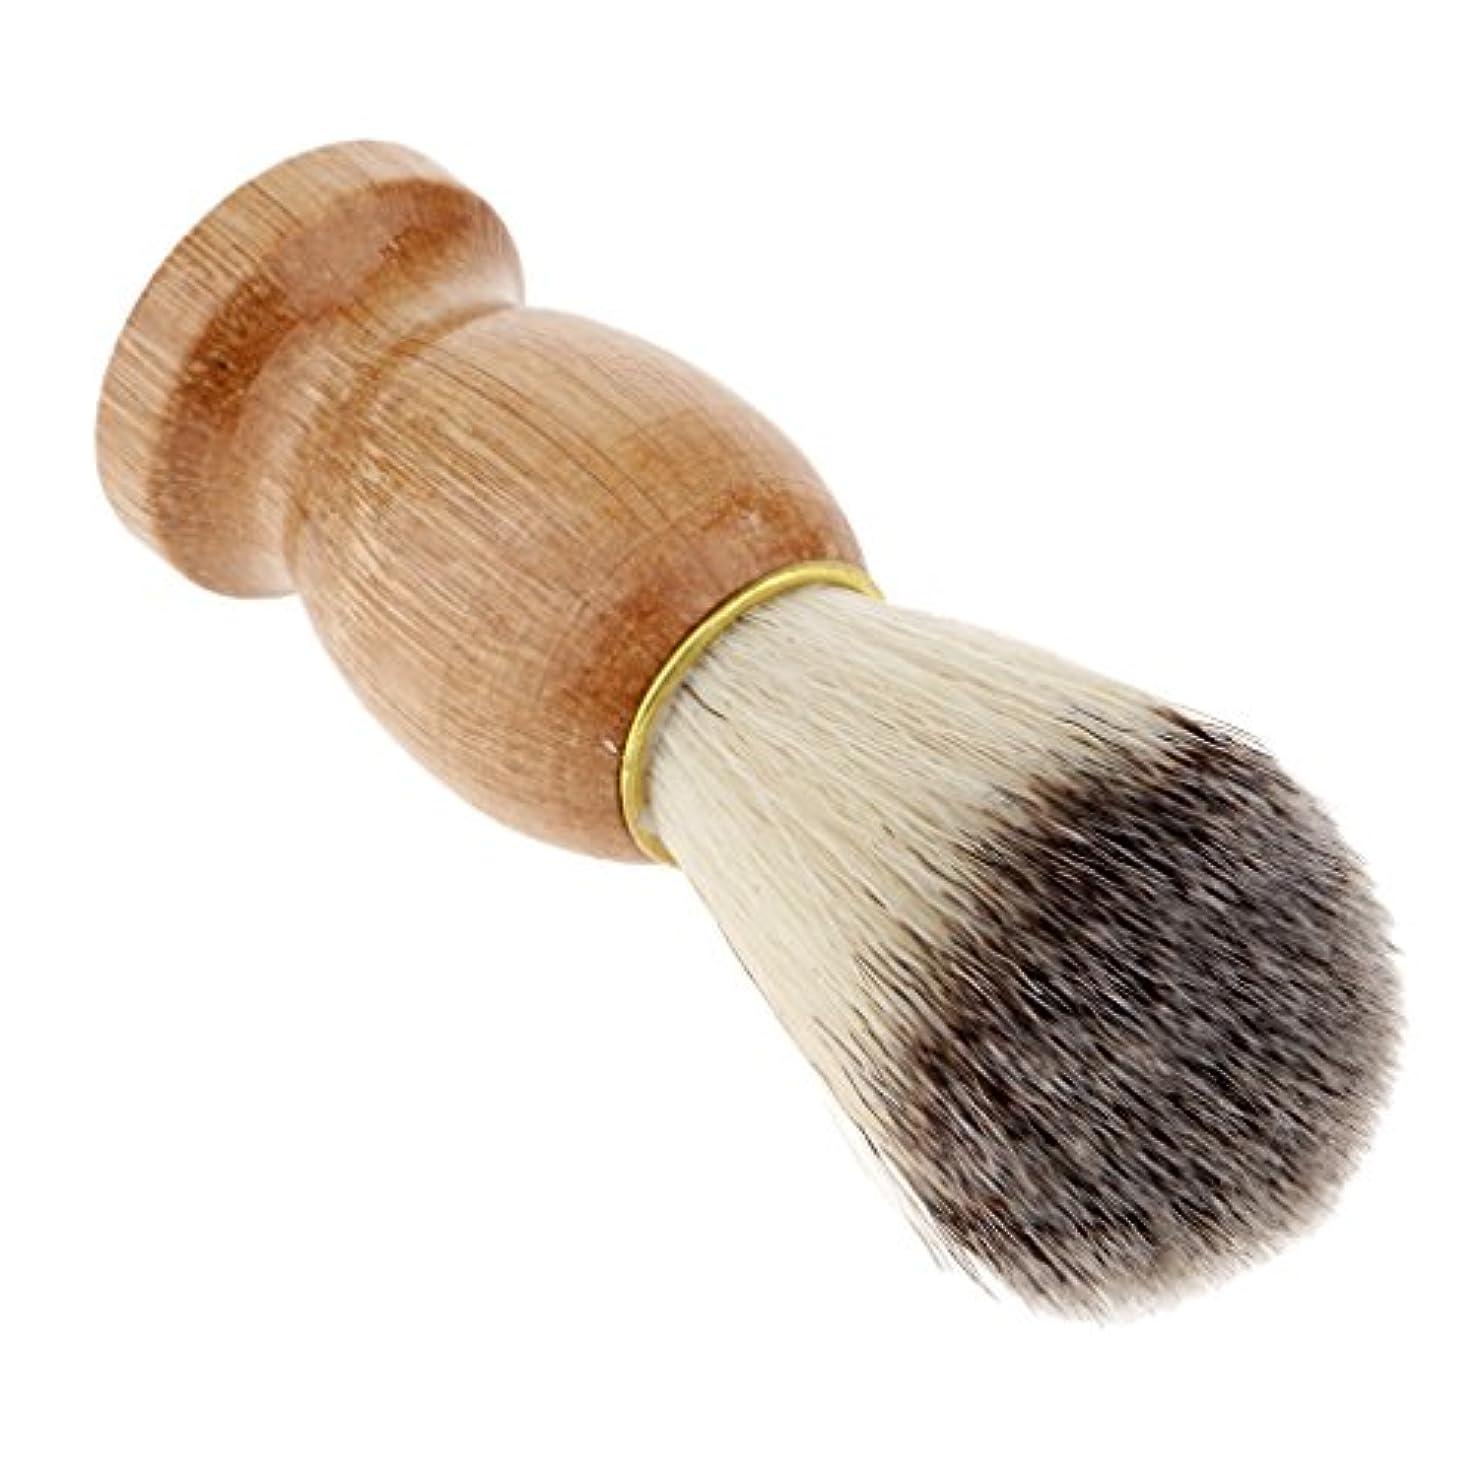 セーター気がついて一回人毛ひげの切断の塵の浄化のための木製のハンドルの剛毛の剃るブラシ